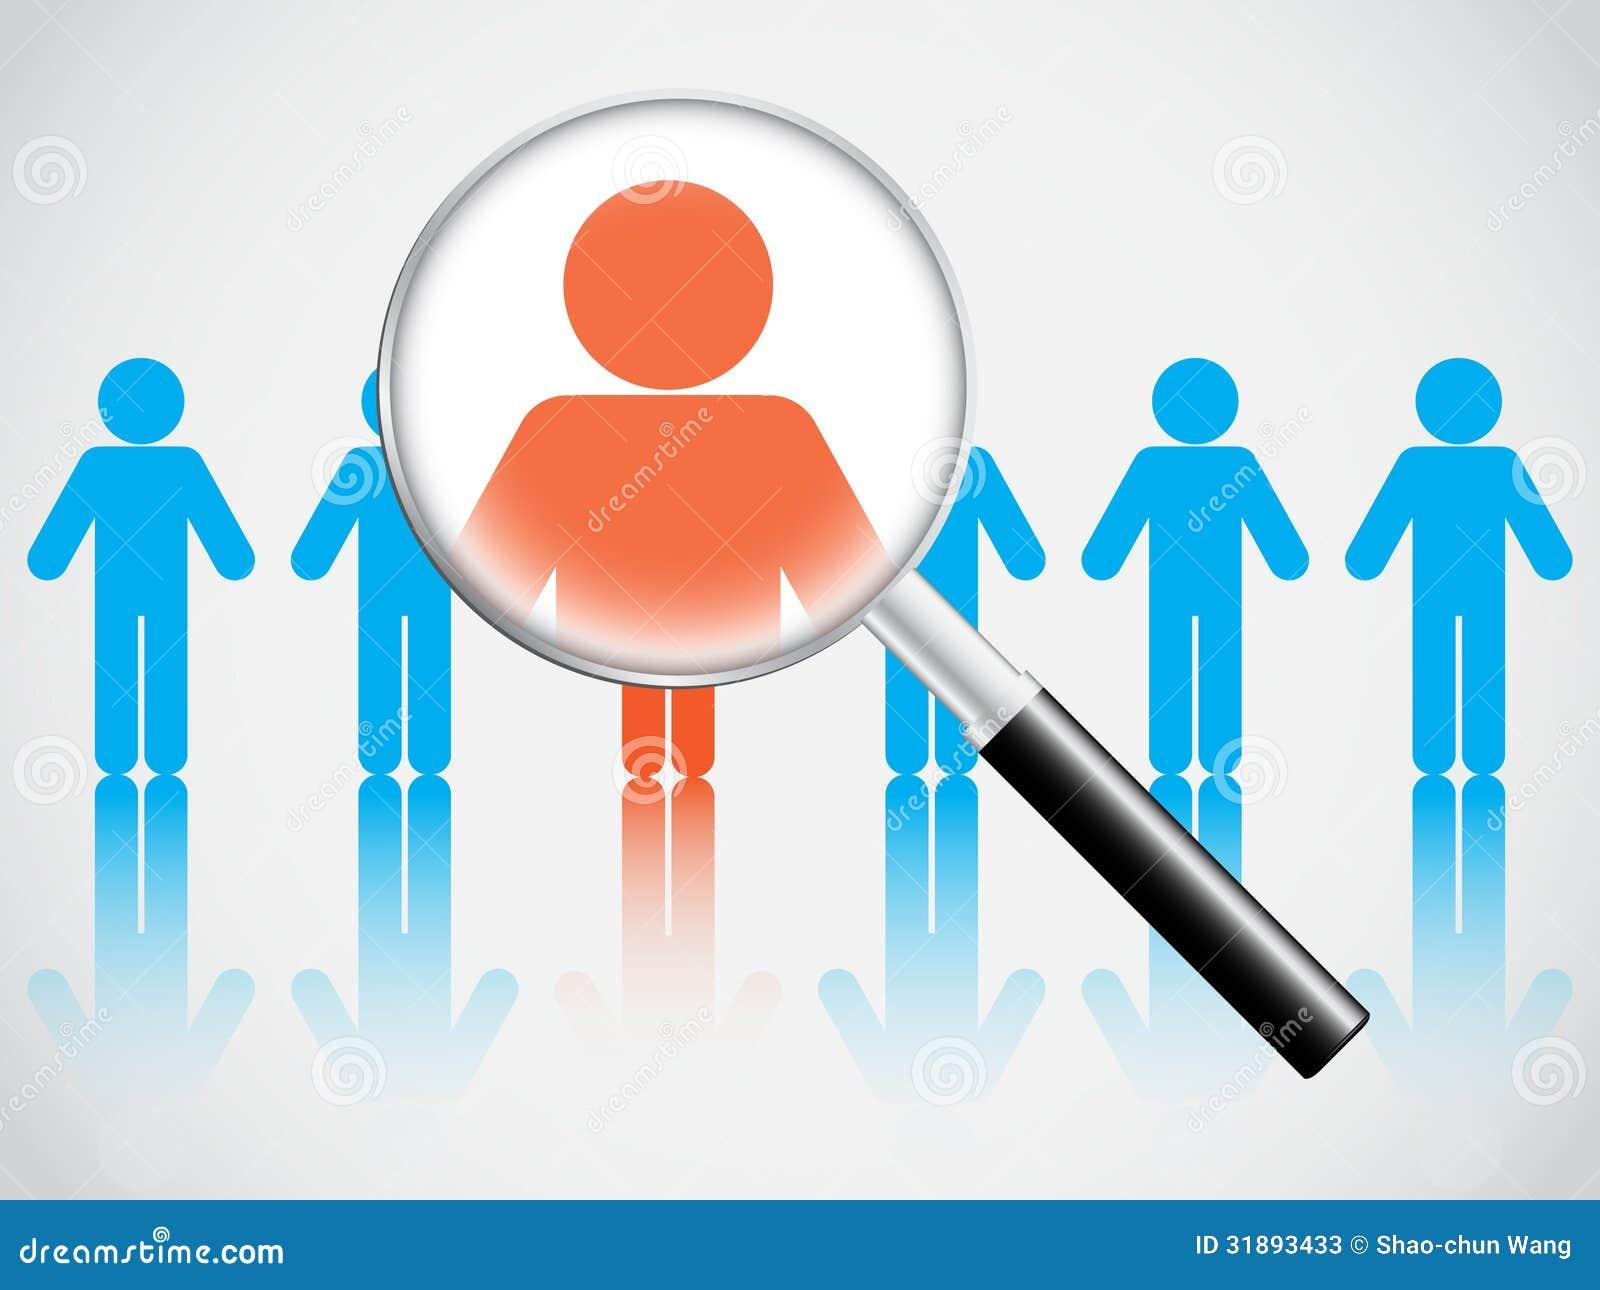 Human Resource Concept Stock Photos Image 31893433